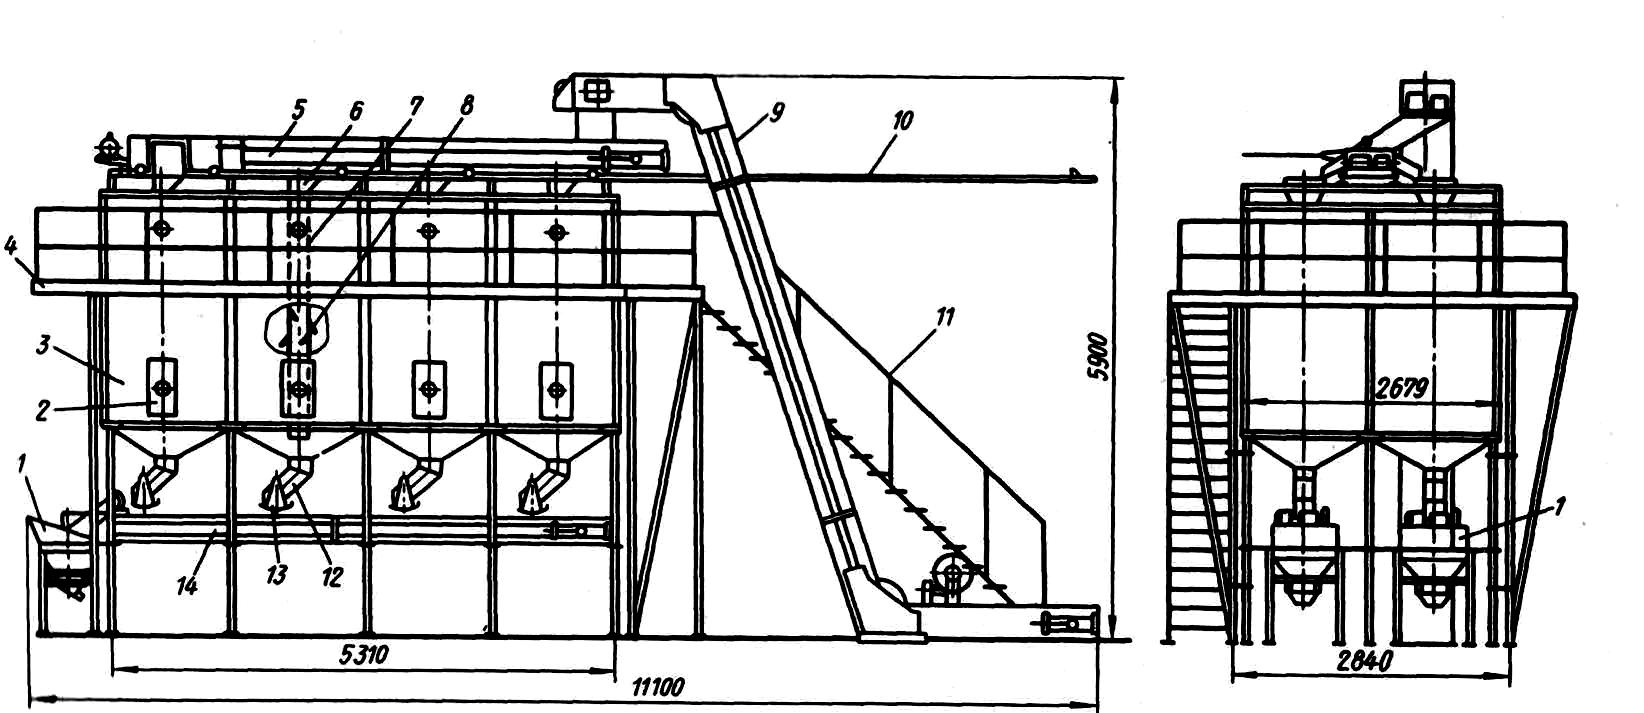 Площадка обслуживания для конвейера завод конвейерного оборудования окзо ост инн